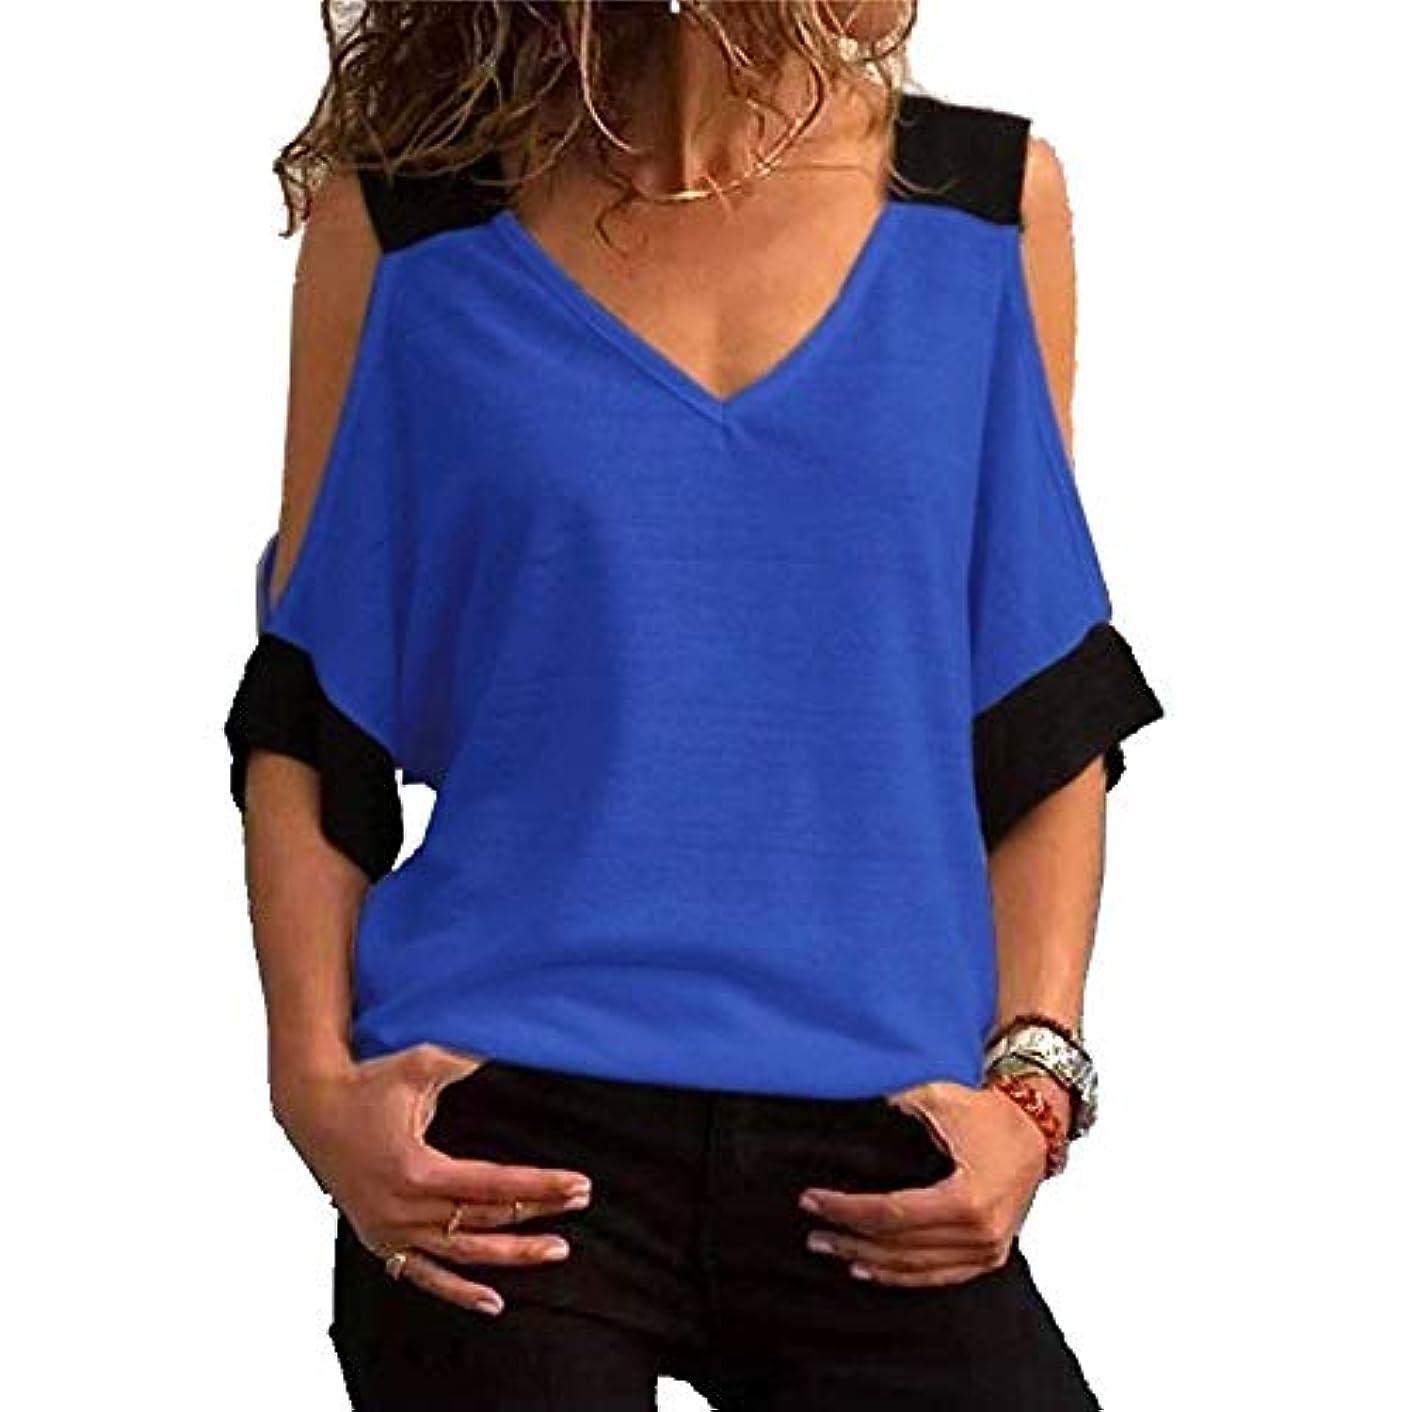 裁判官より欠員MIFAN女性ファッションカジュアルトップス女性ショルダーブラウスコットンTシャツディープVネック半袖